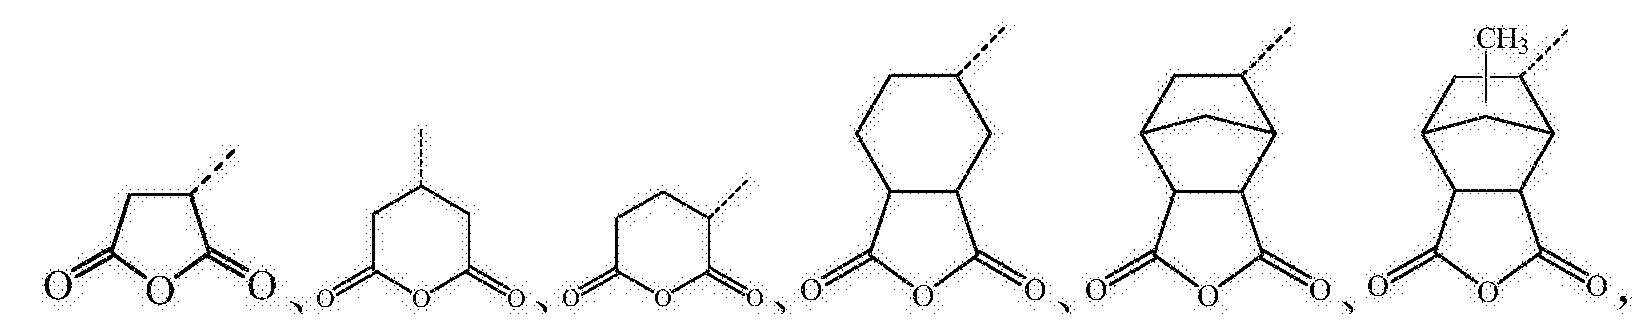 Figure CN106634881BD00151